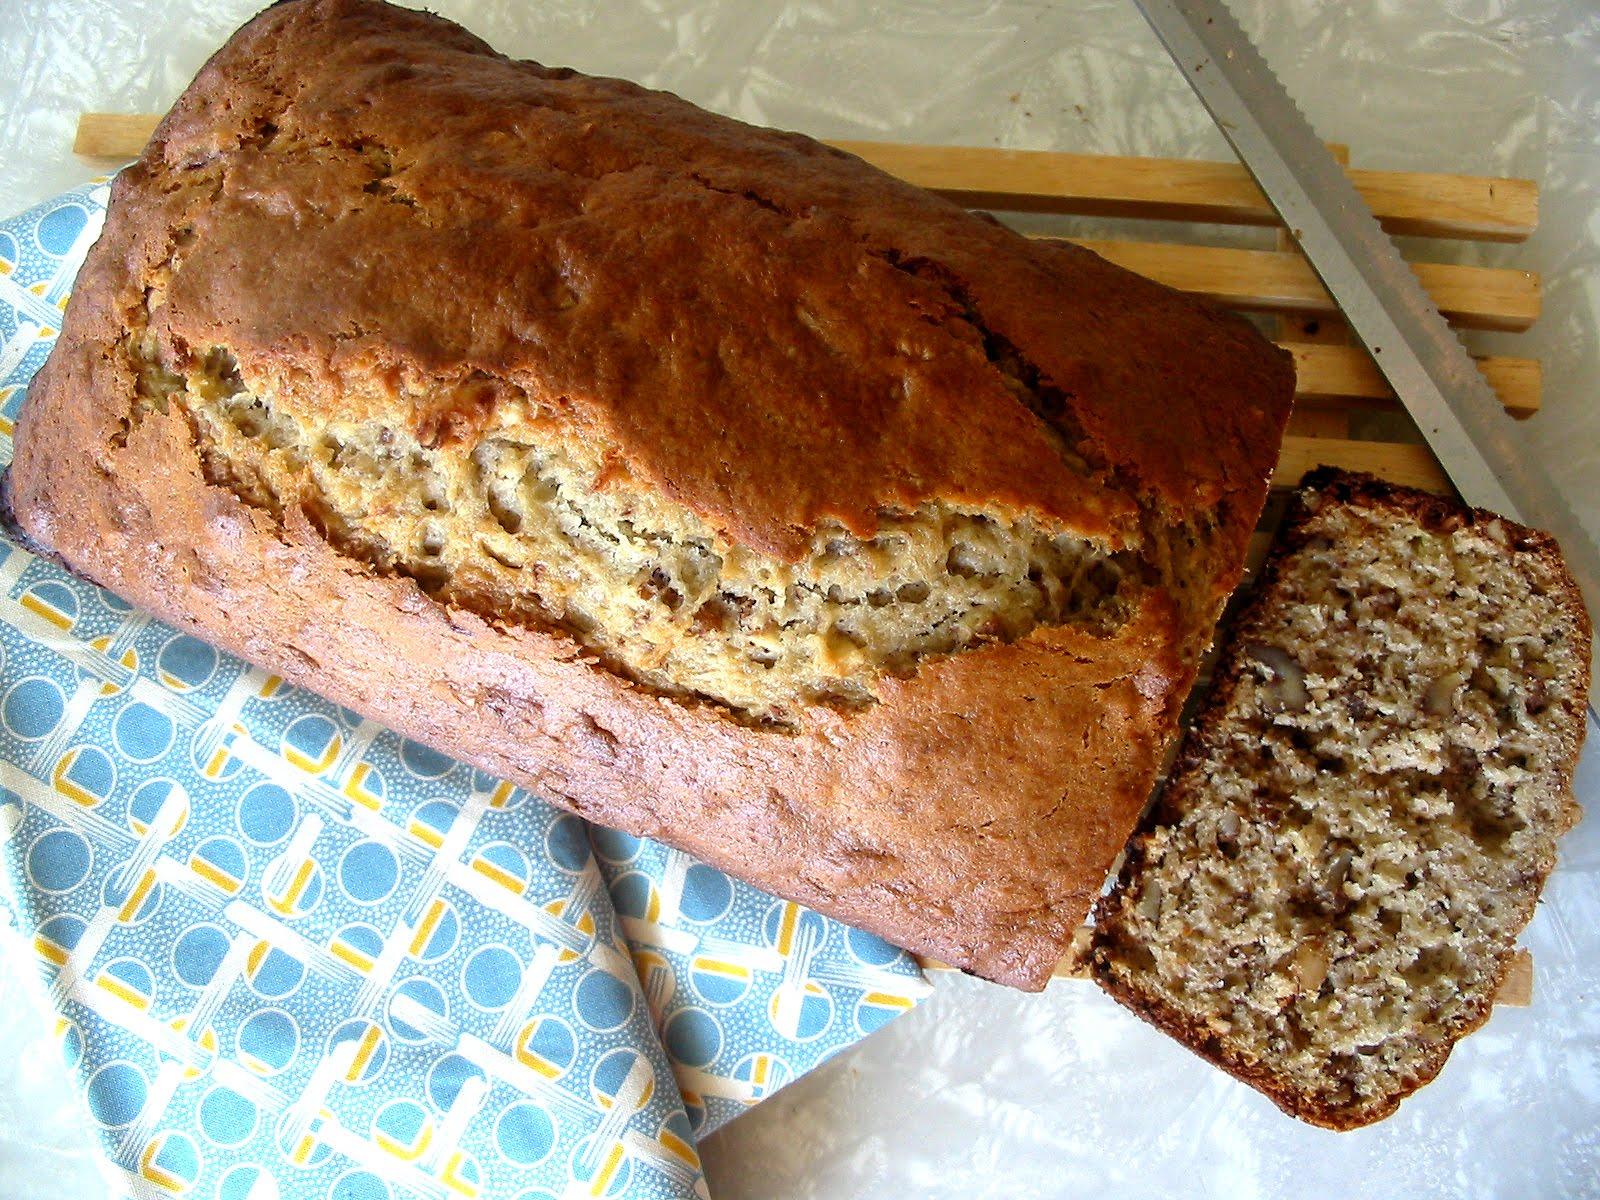 medicated-banana-bread-recipe